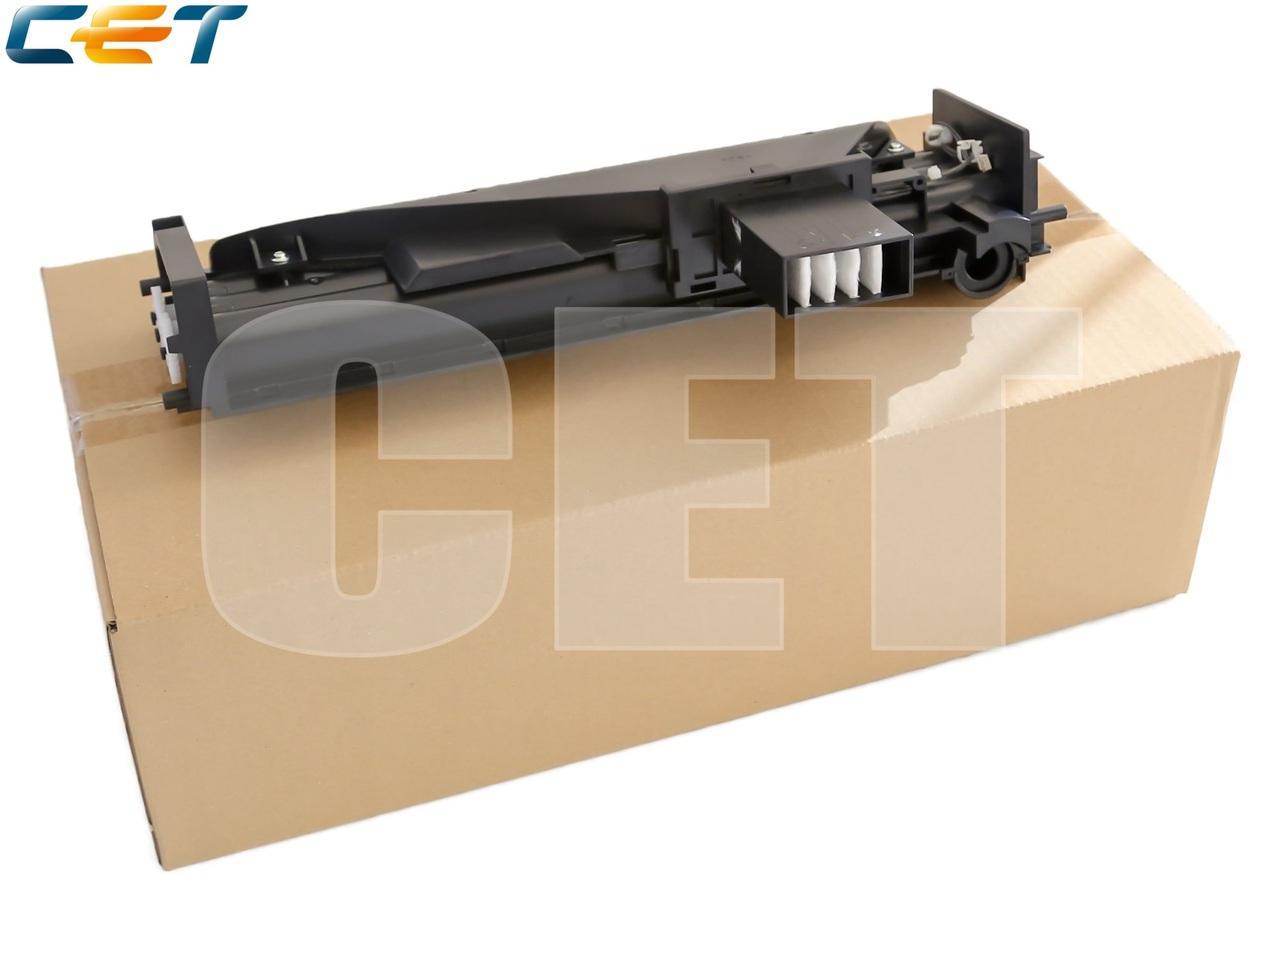 Блок проявки A1UDR73000 для KONICA MINOLTA Bizhub223/283/363 (CET), 320000 стр., CET471007